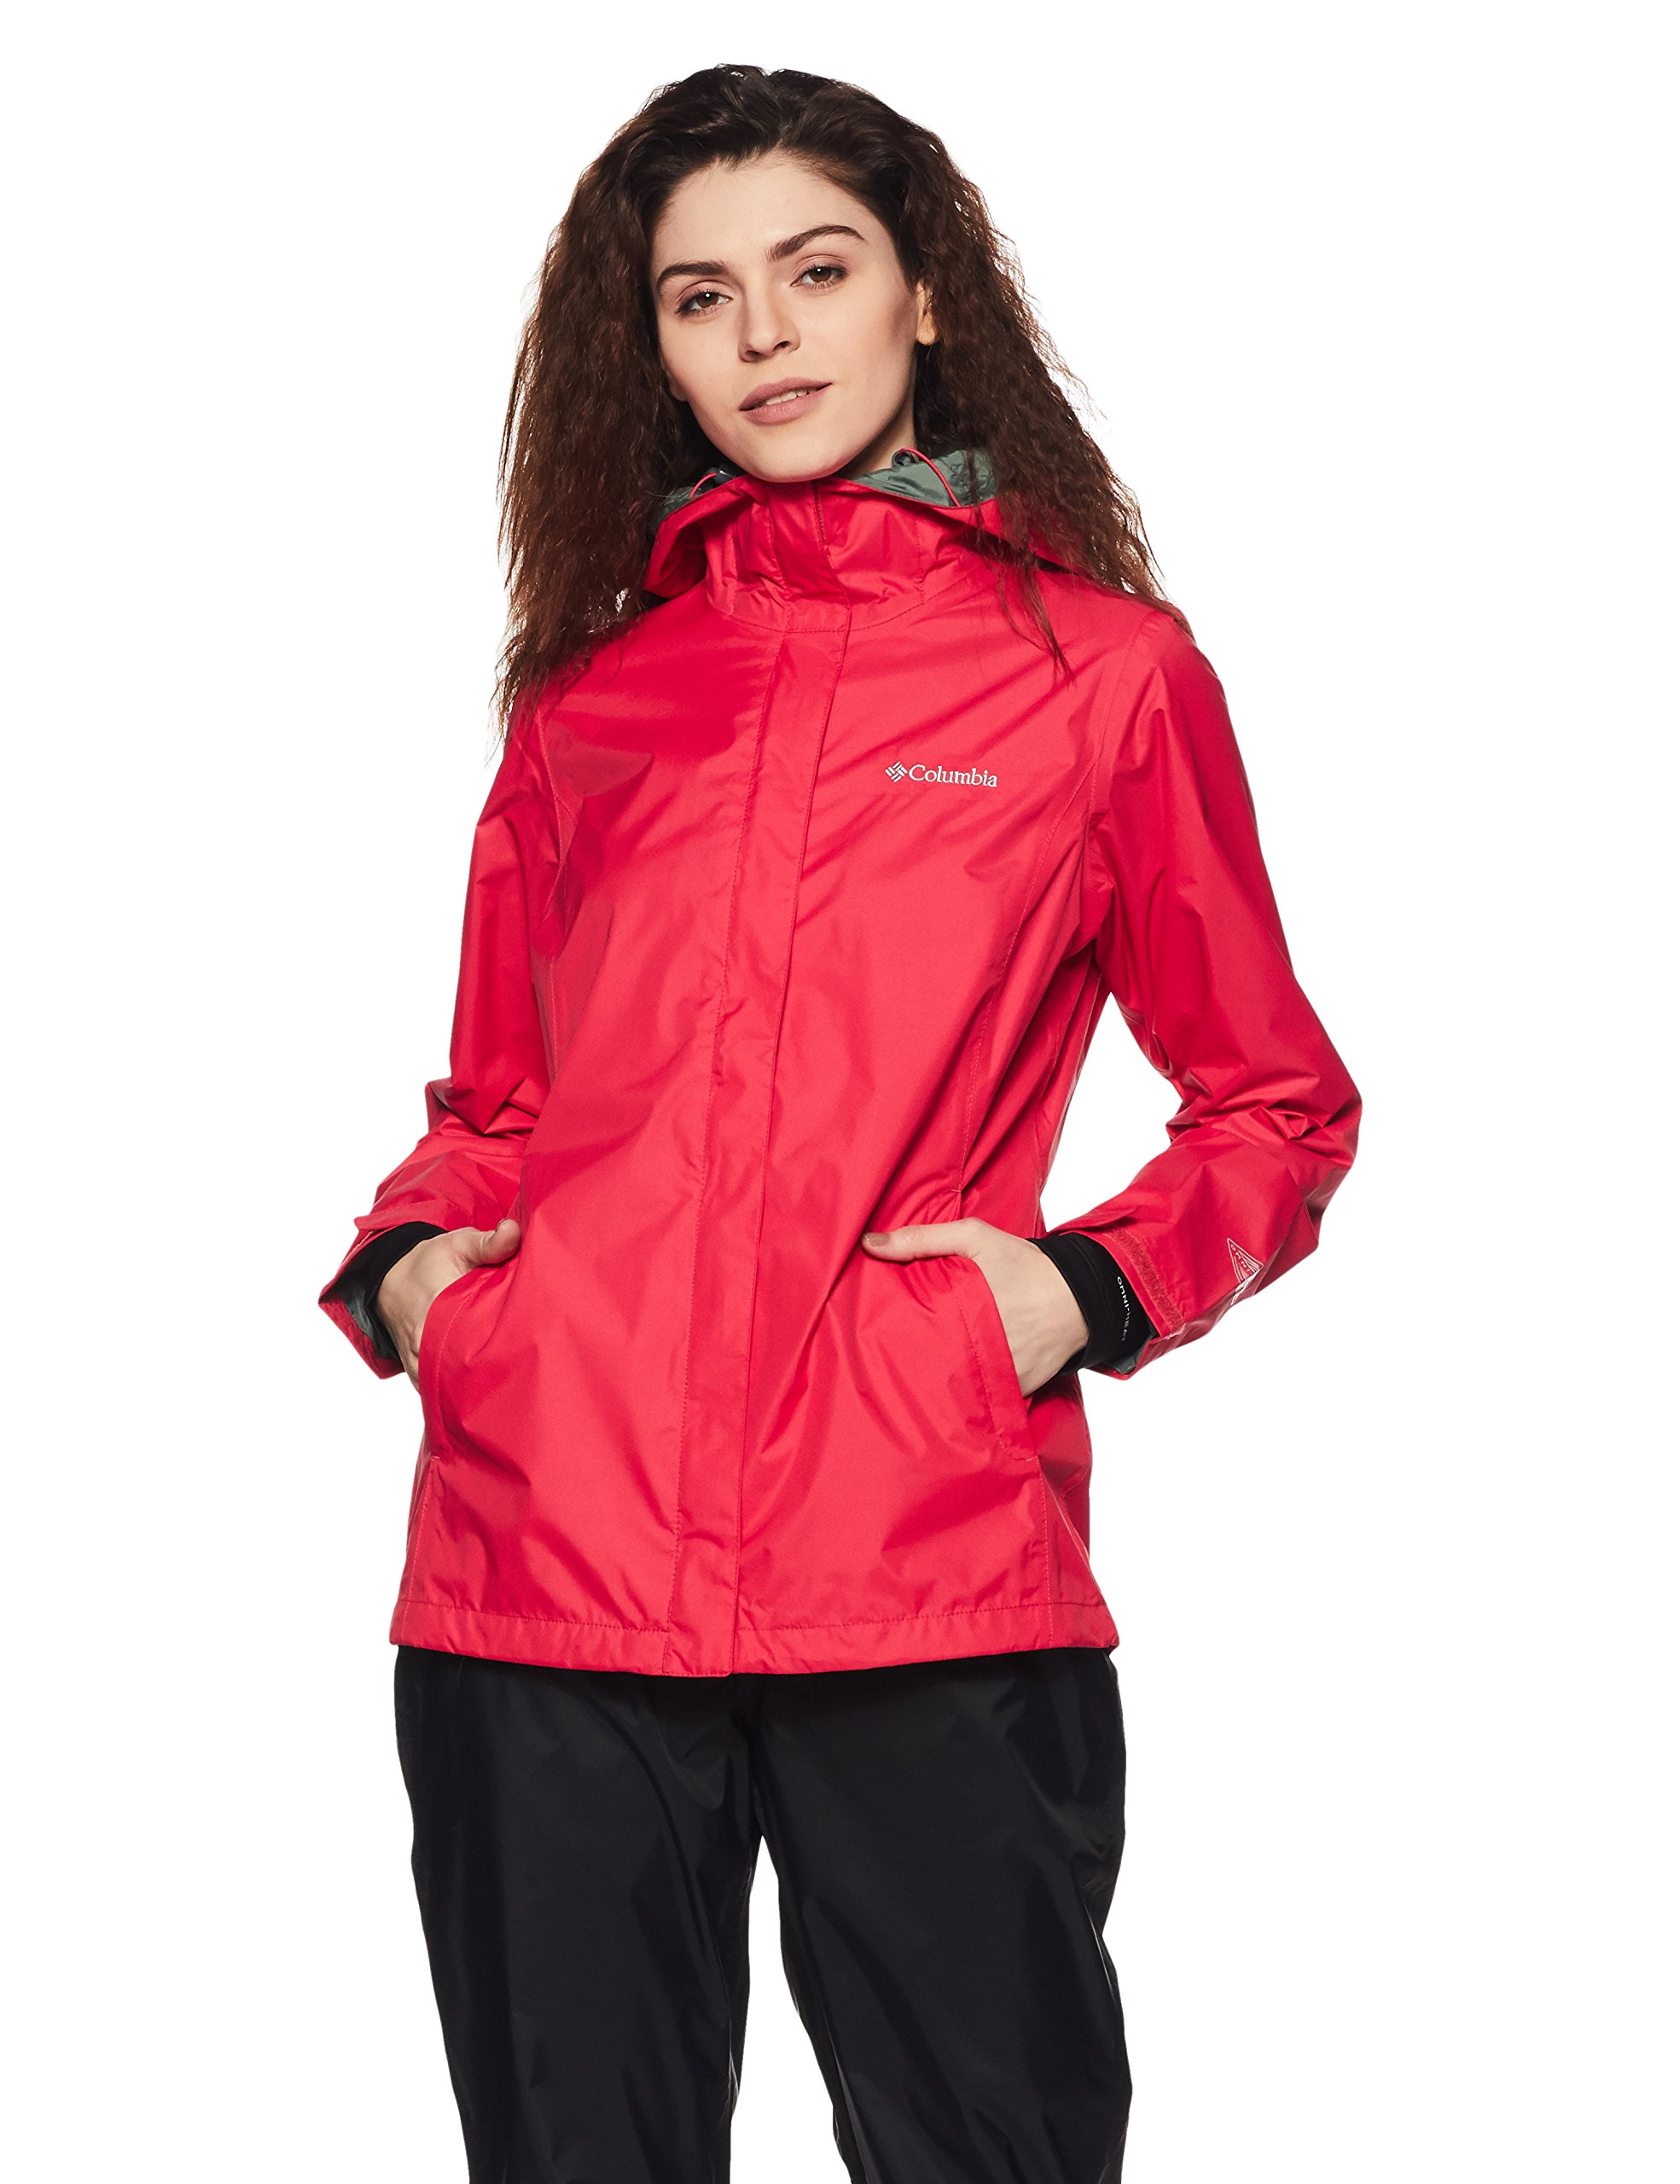 Columbia Women's Arcadia II Jacket, Red Camellia, XS